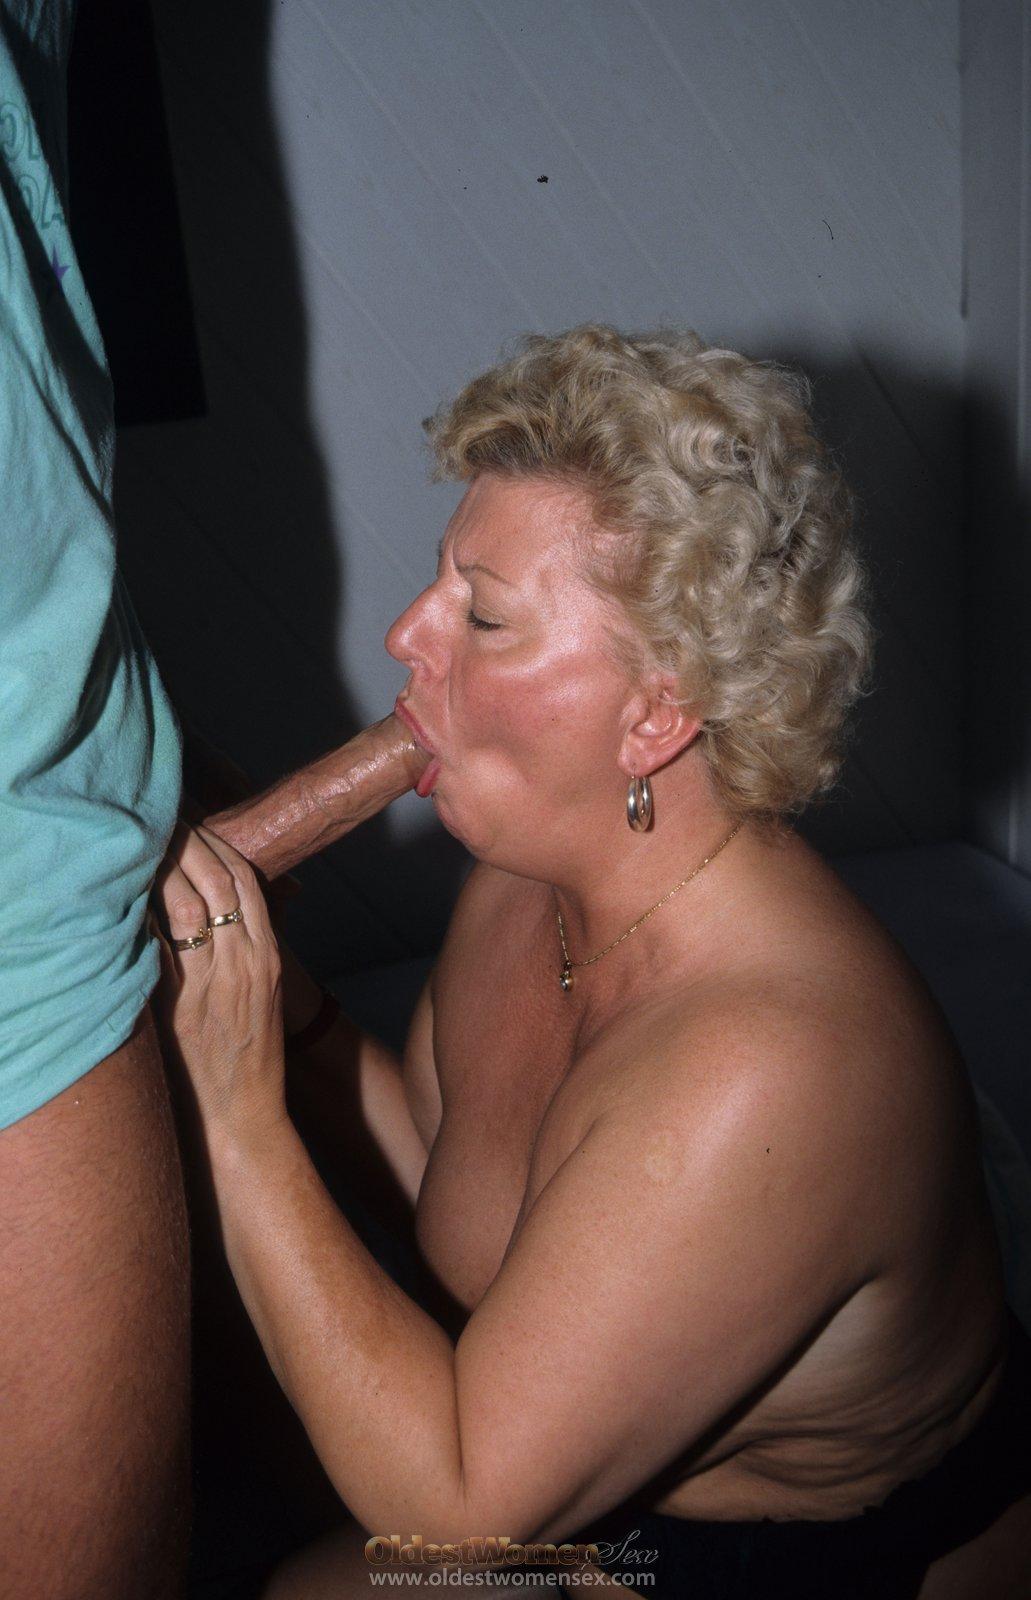 Отсосала старая тетка